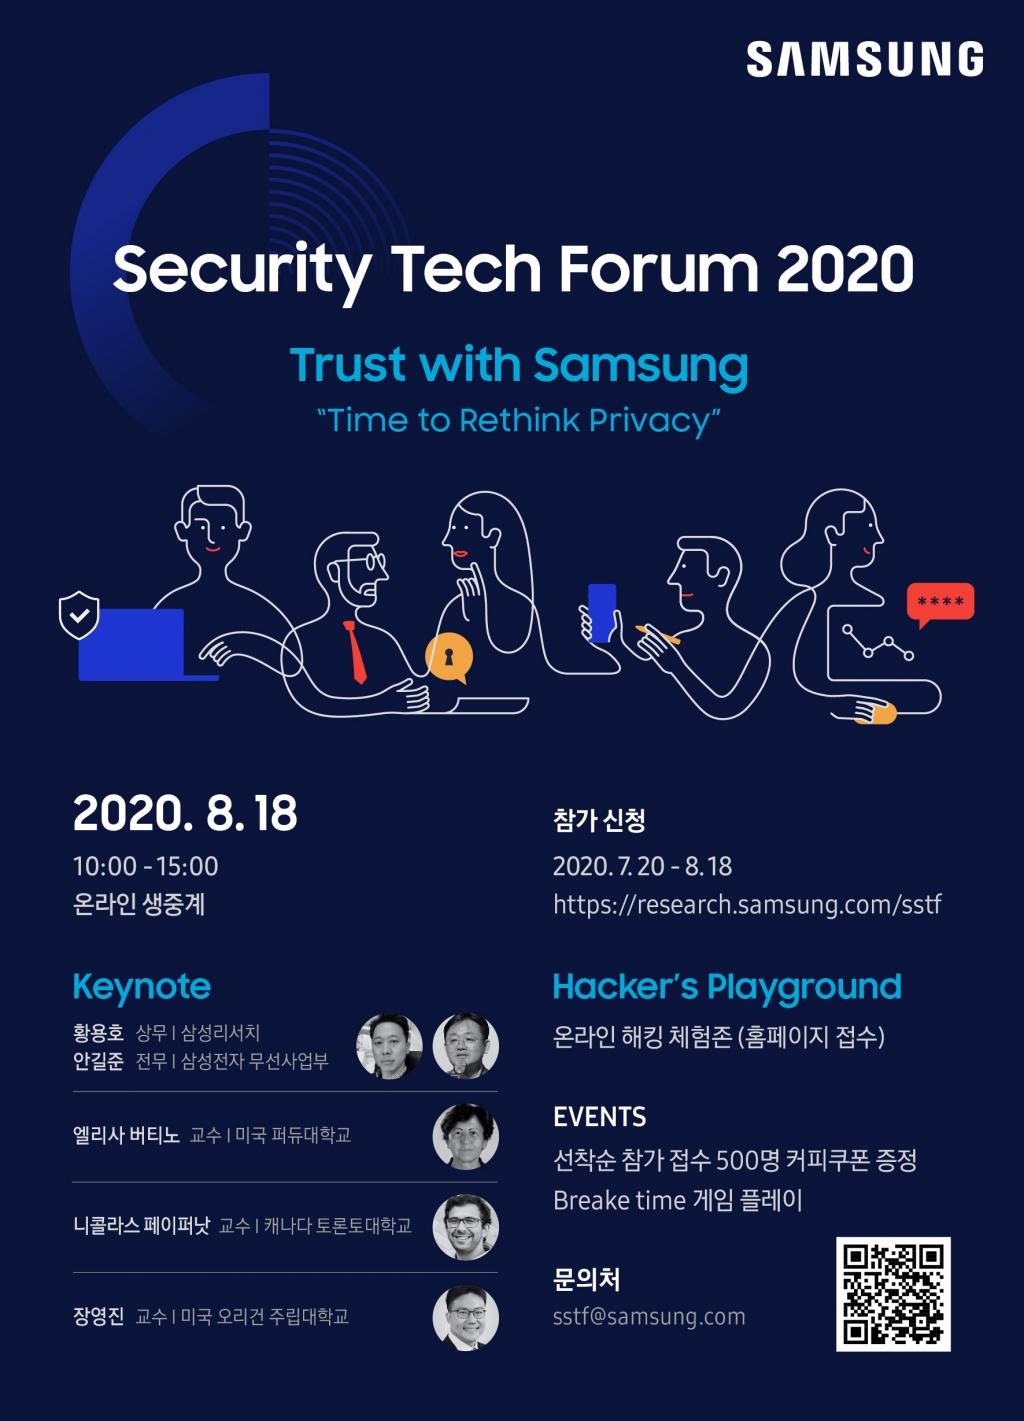 삼성전자, '제4회 삼성보안기술포럼' 온라인 개최